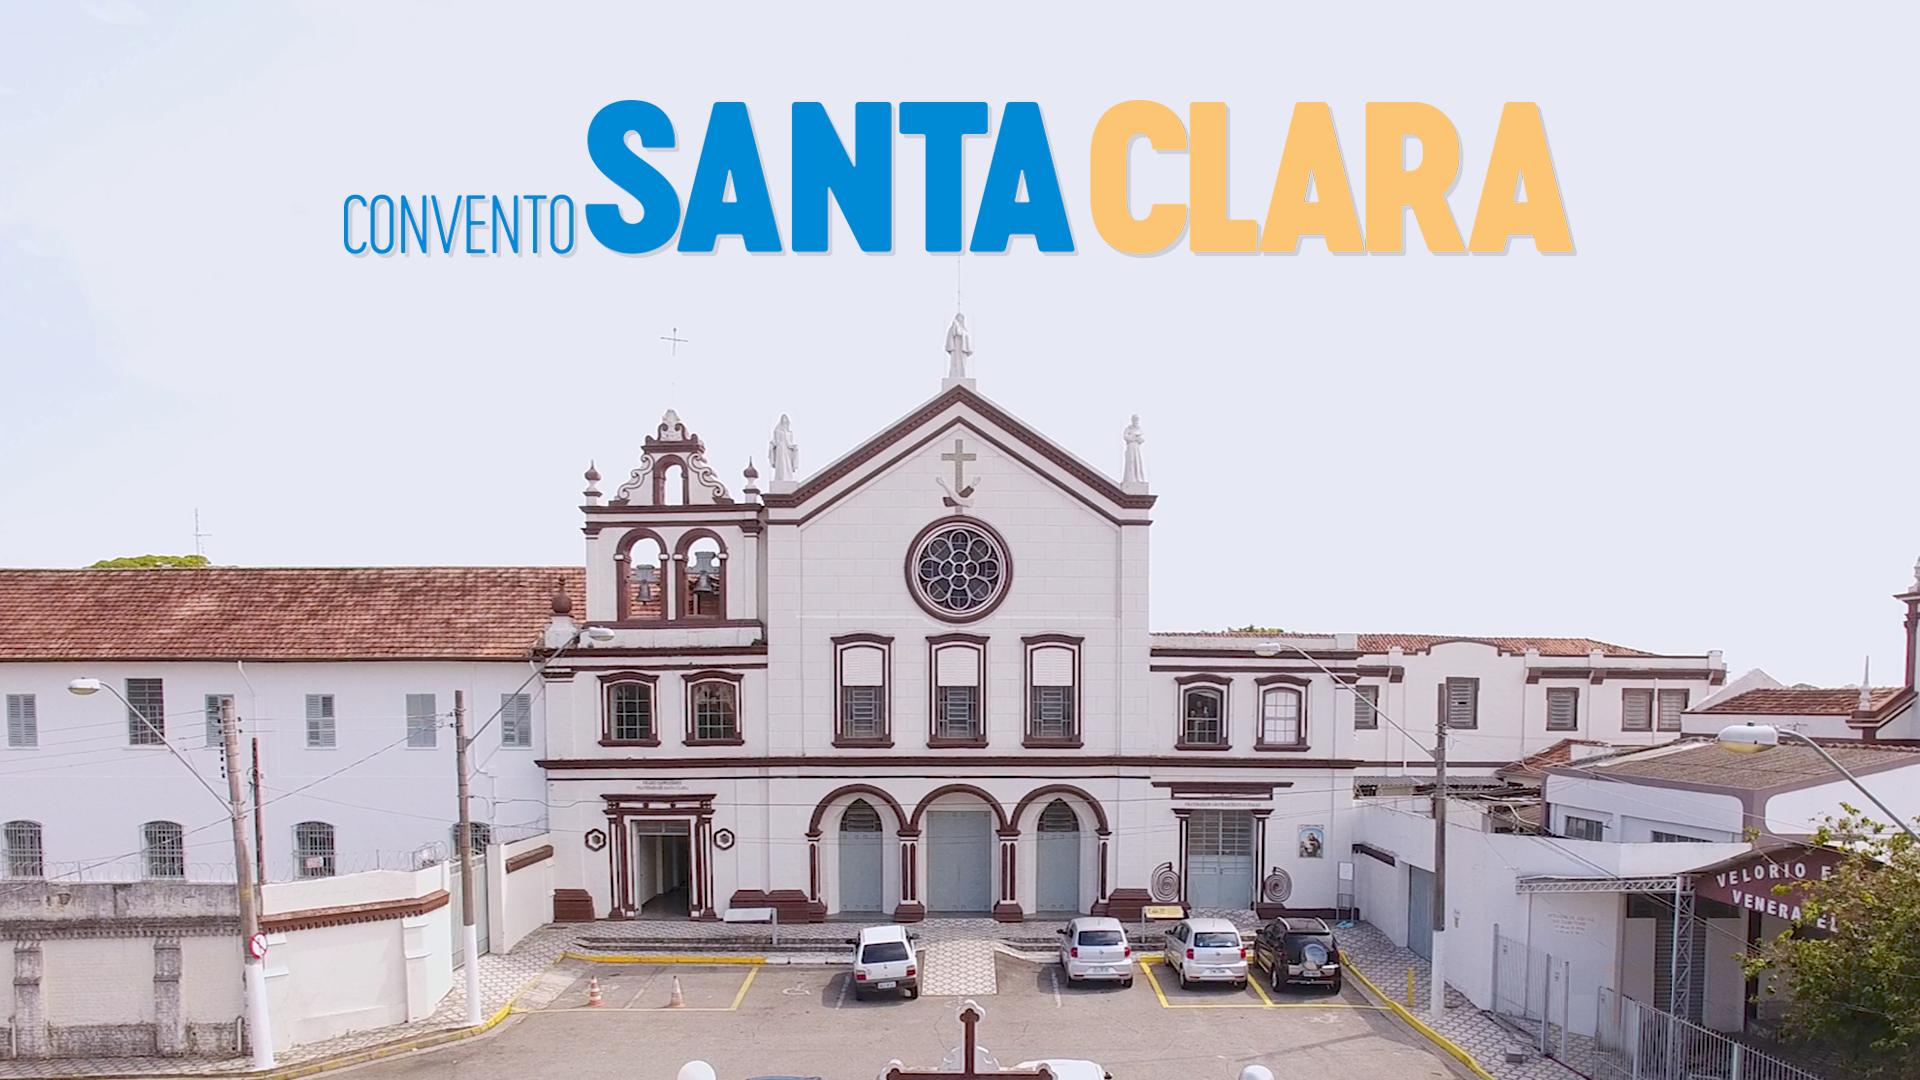 Convento Santa Clara – Revendo Taubaté – Rever Produções